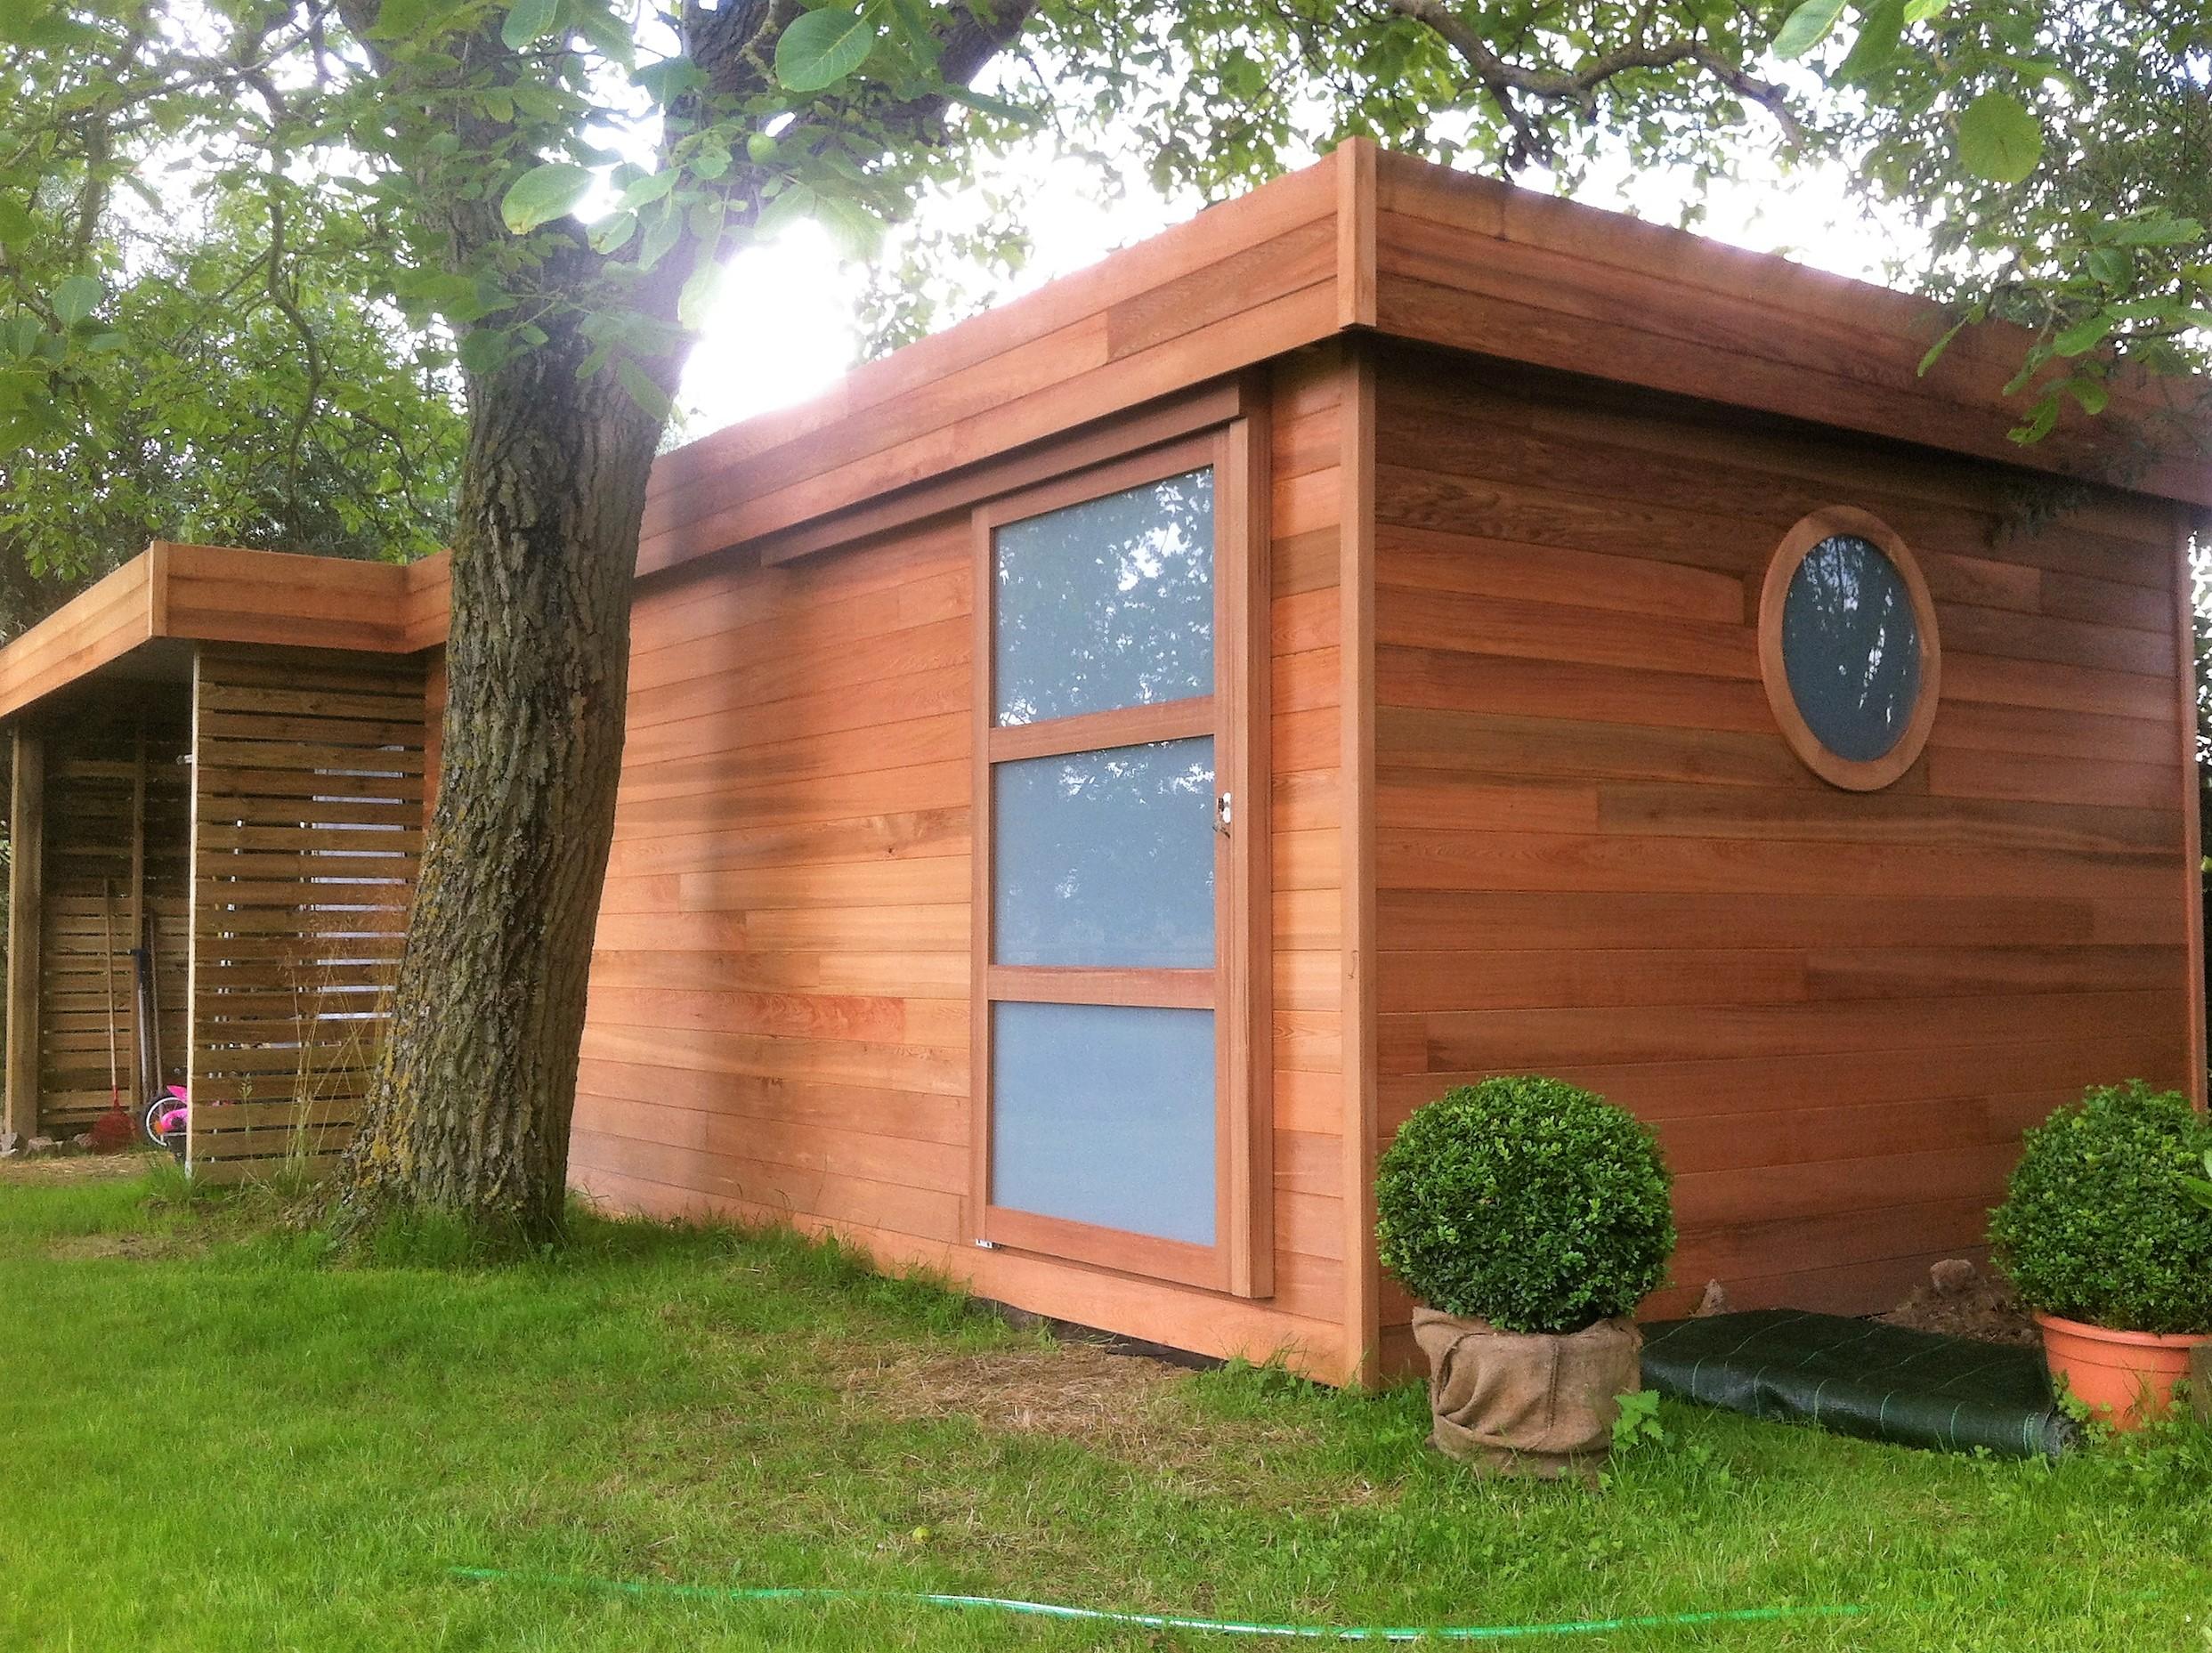 abri de jardin en bois et carport sur orchies lille p v le 59 wood conception. Black Bedroom Furniture Sets. Home Design Ideas